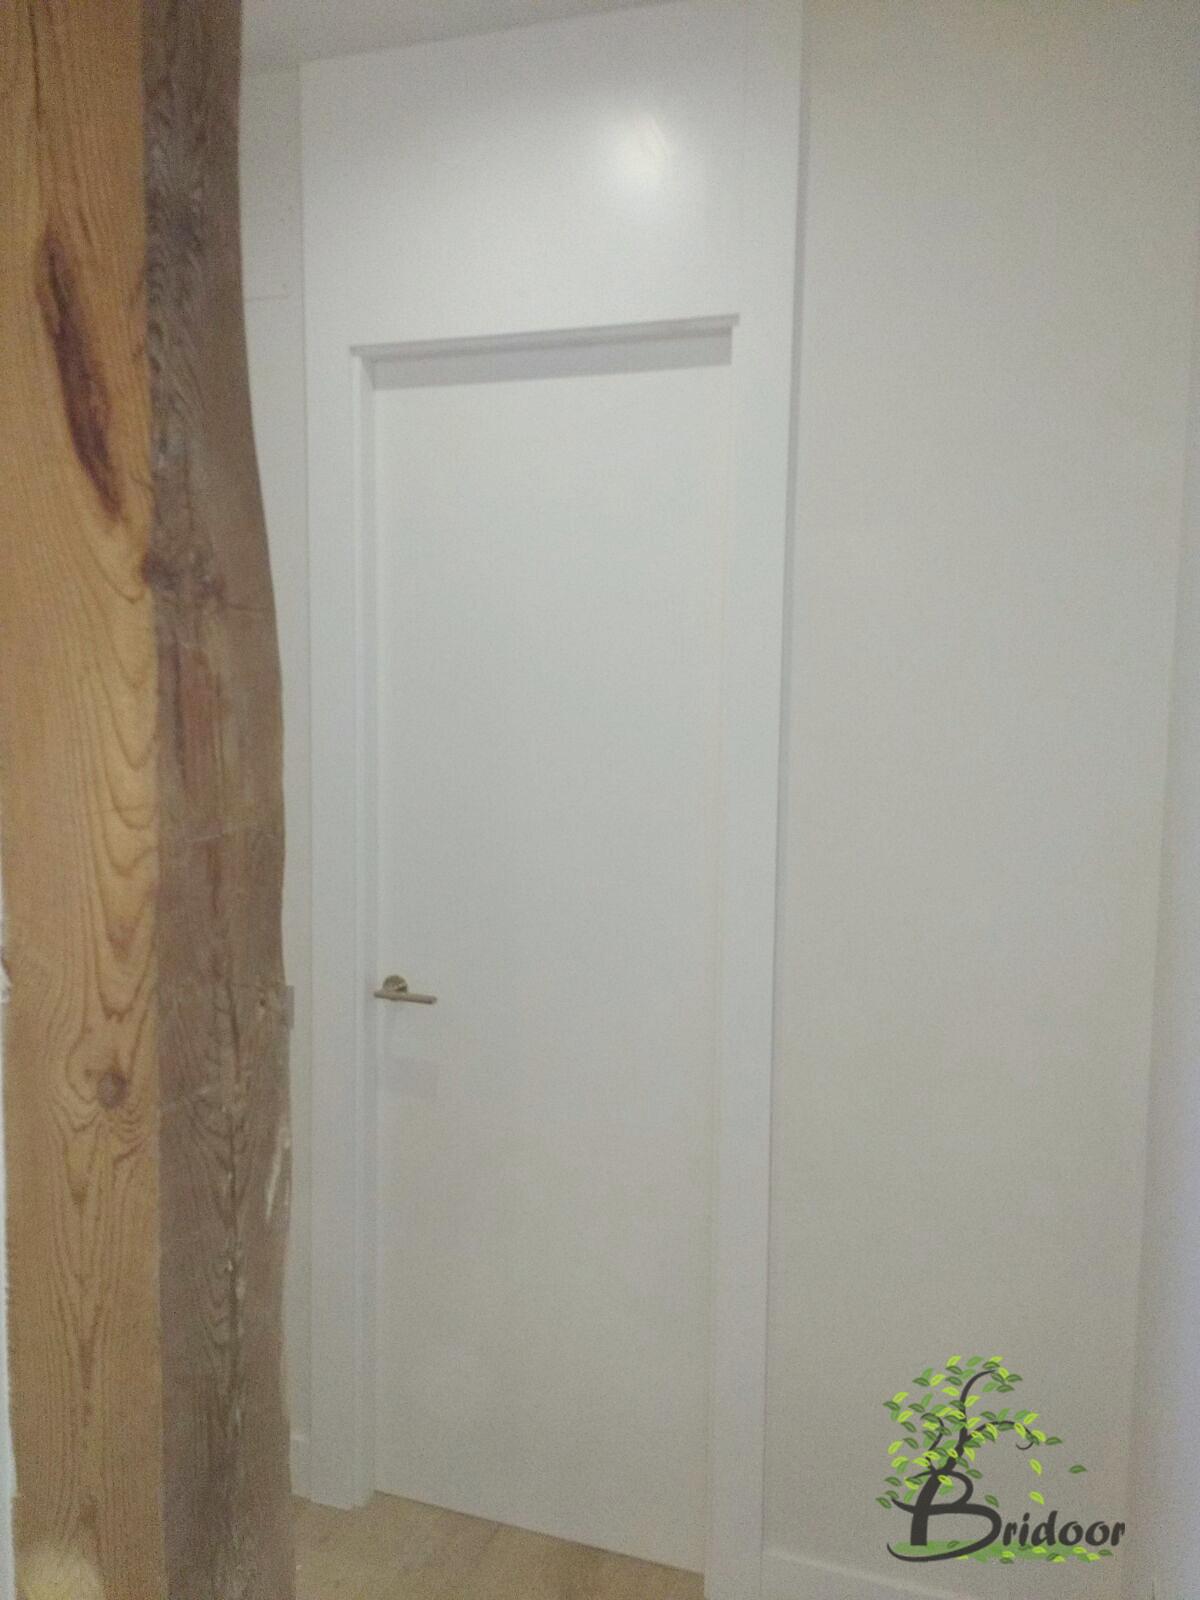 Bridoor s l vivienda lacada con puertas y armarios en c - Puertas de calle de madera ...